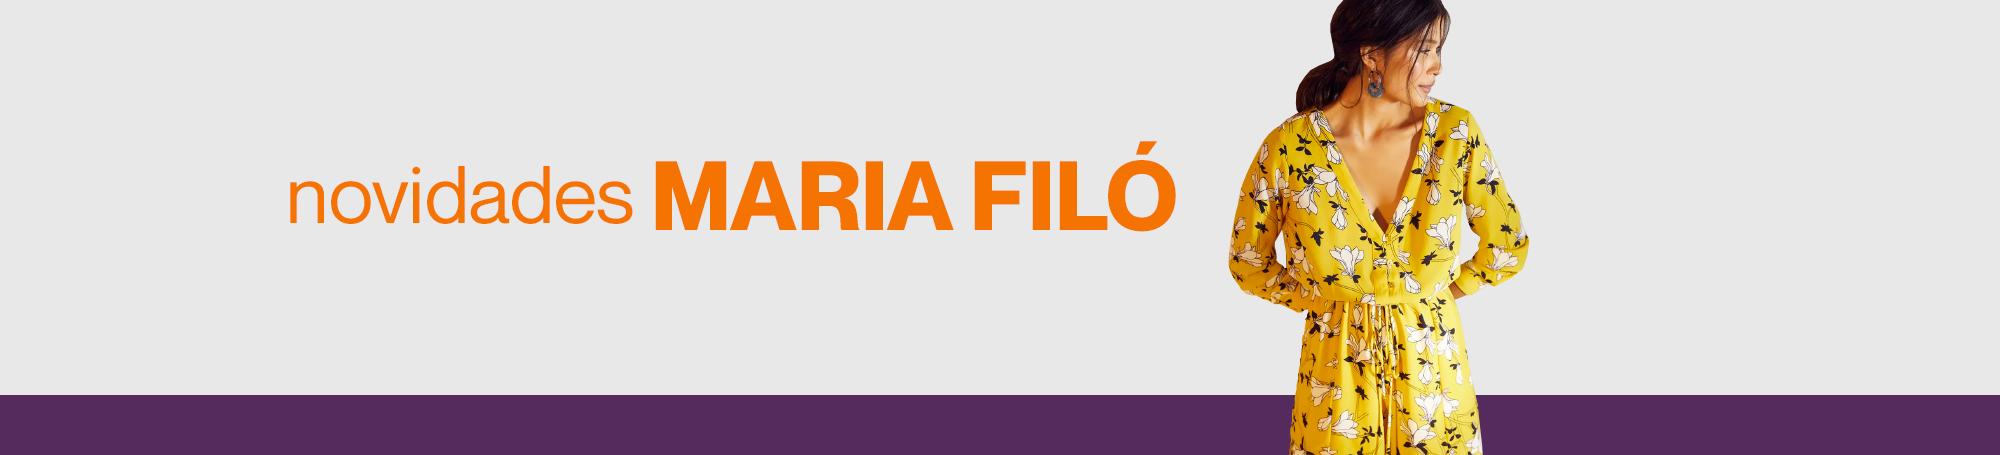 Maria Filo